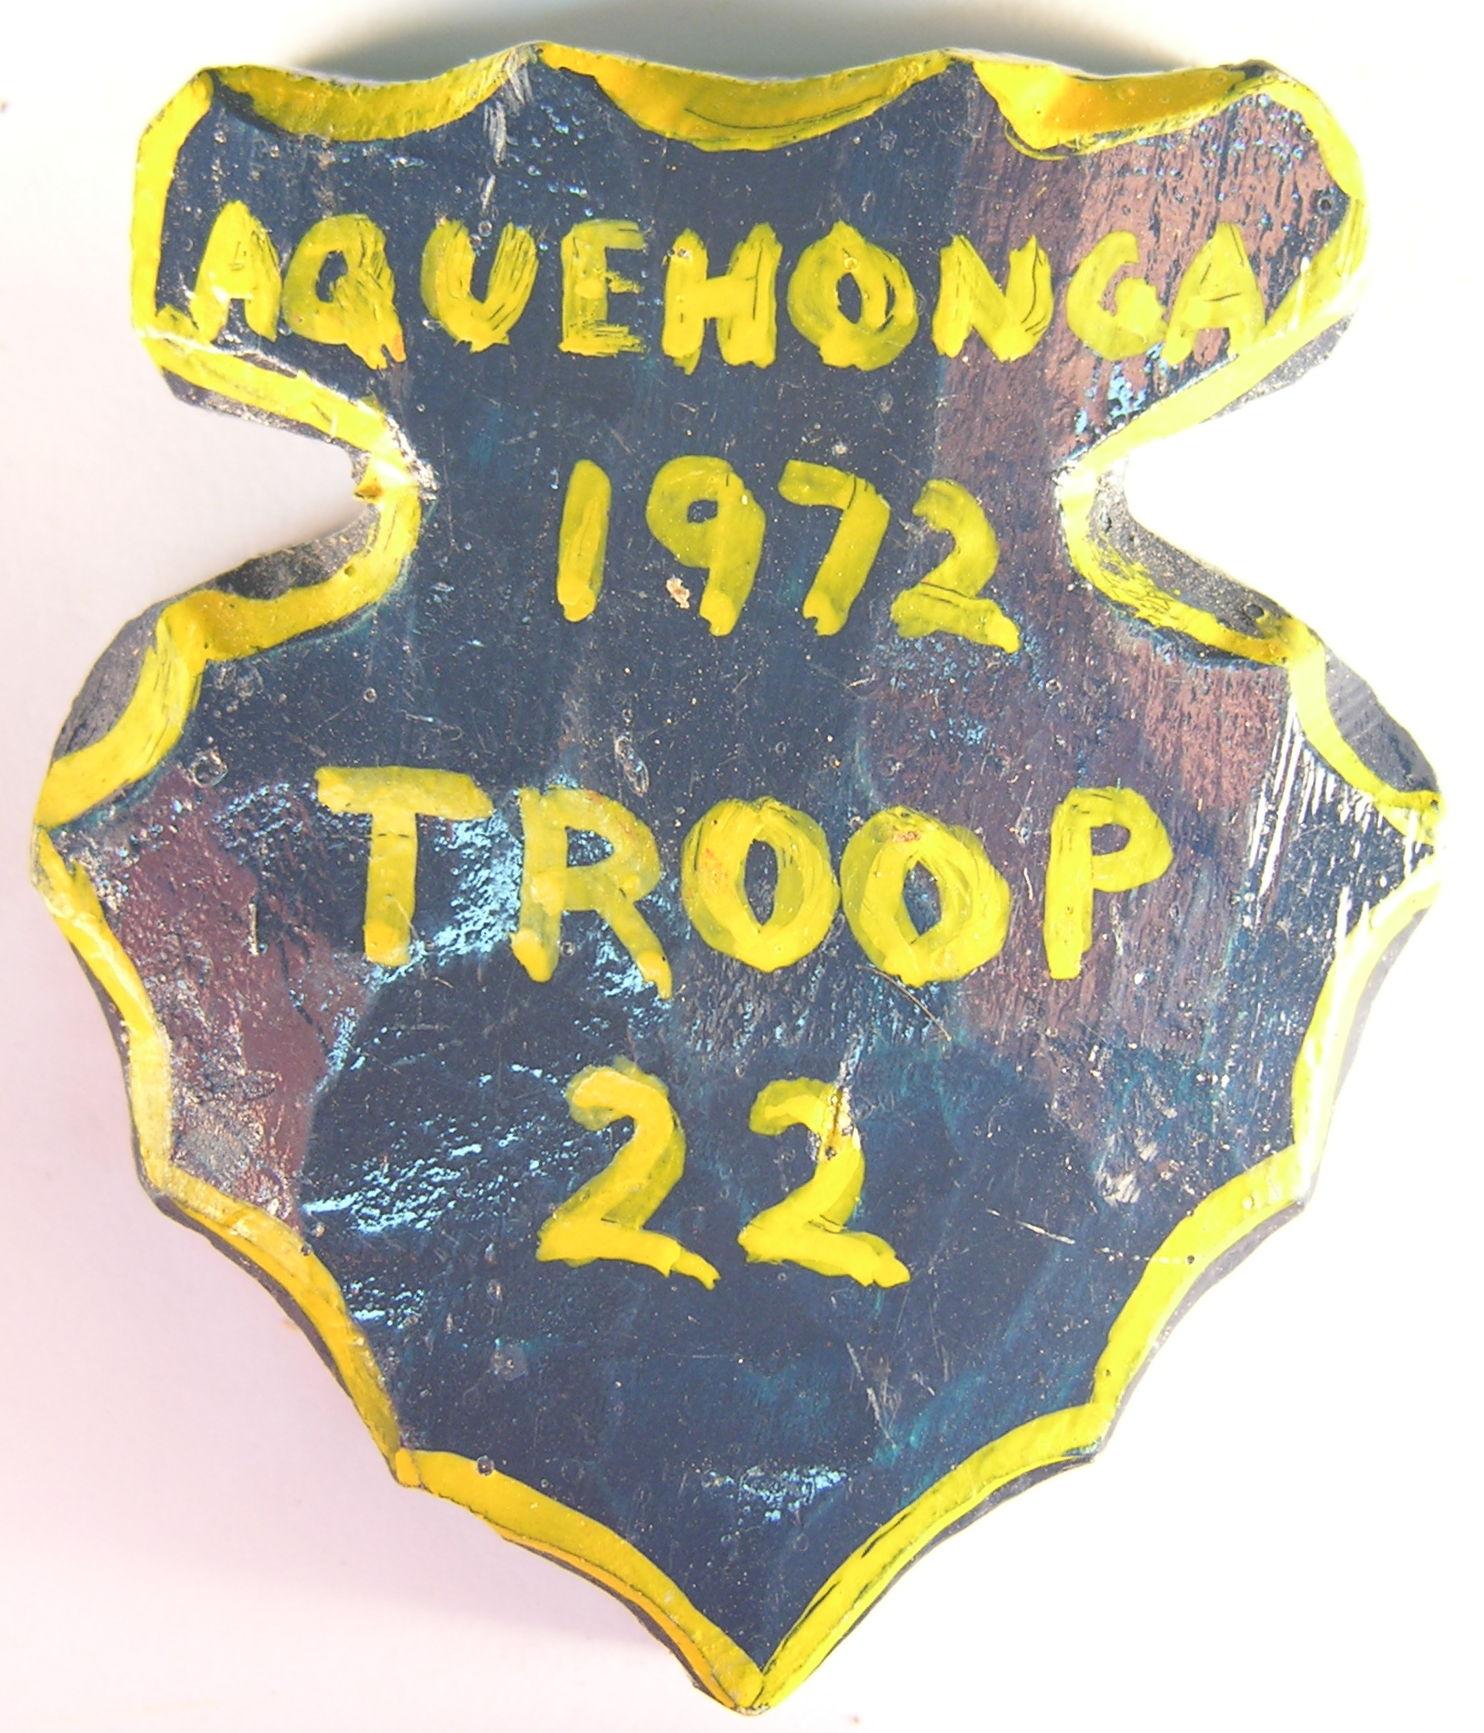 Camp Aquehonga-13